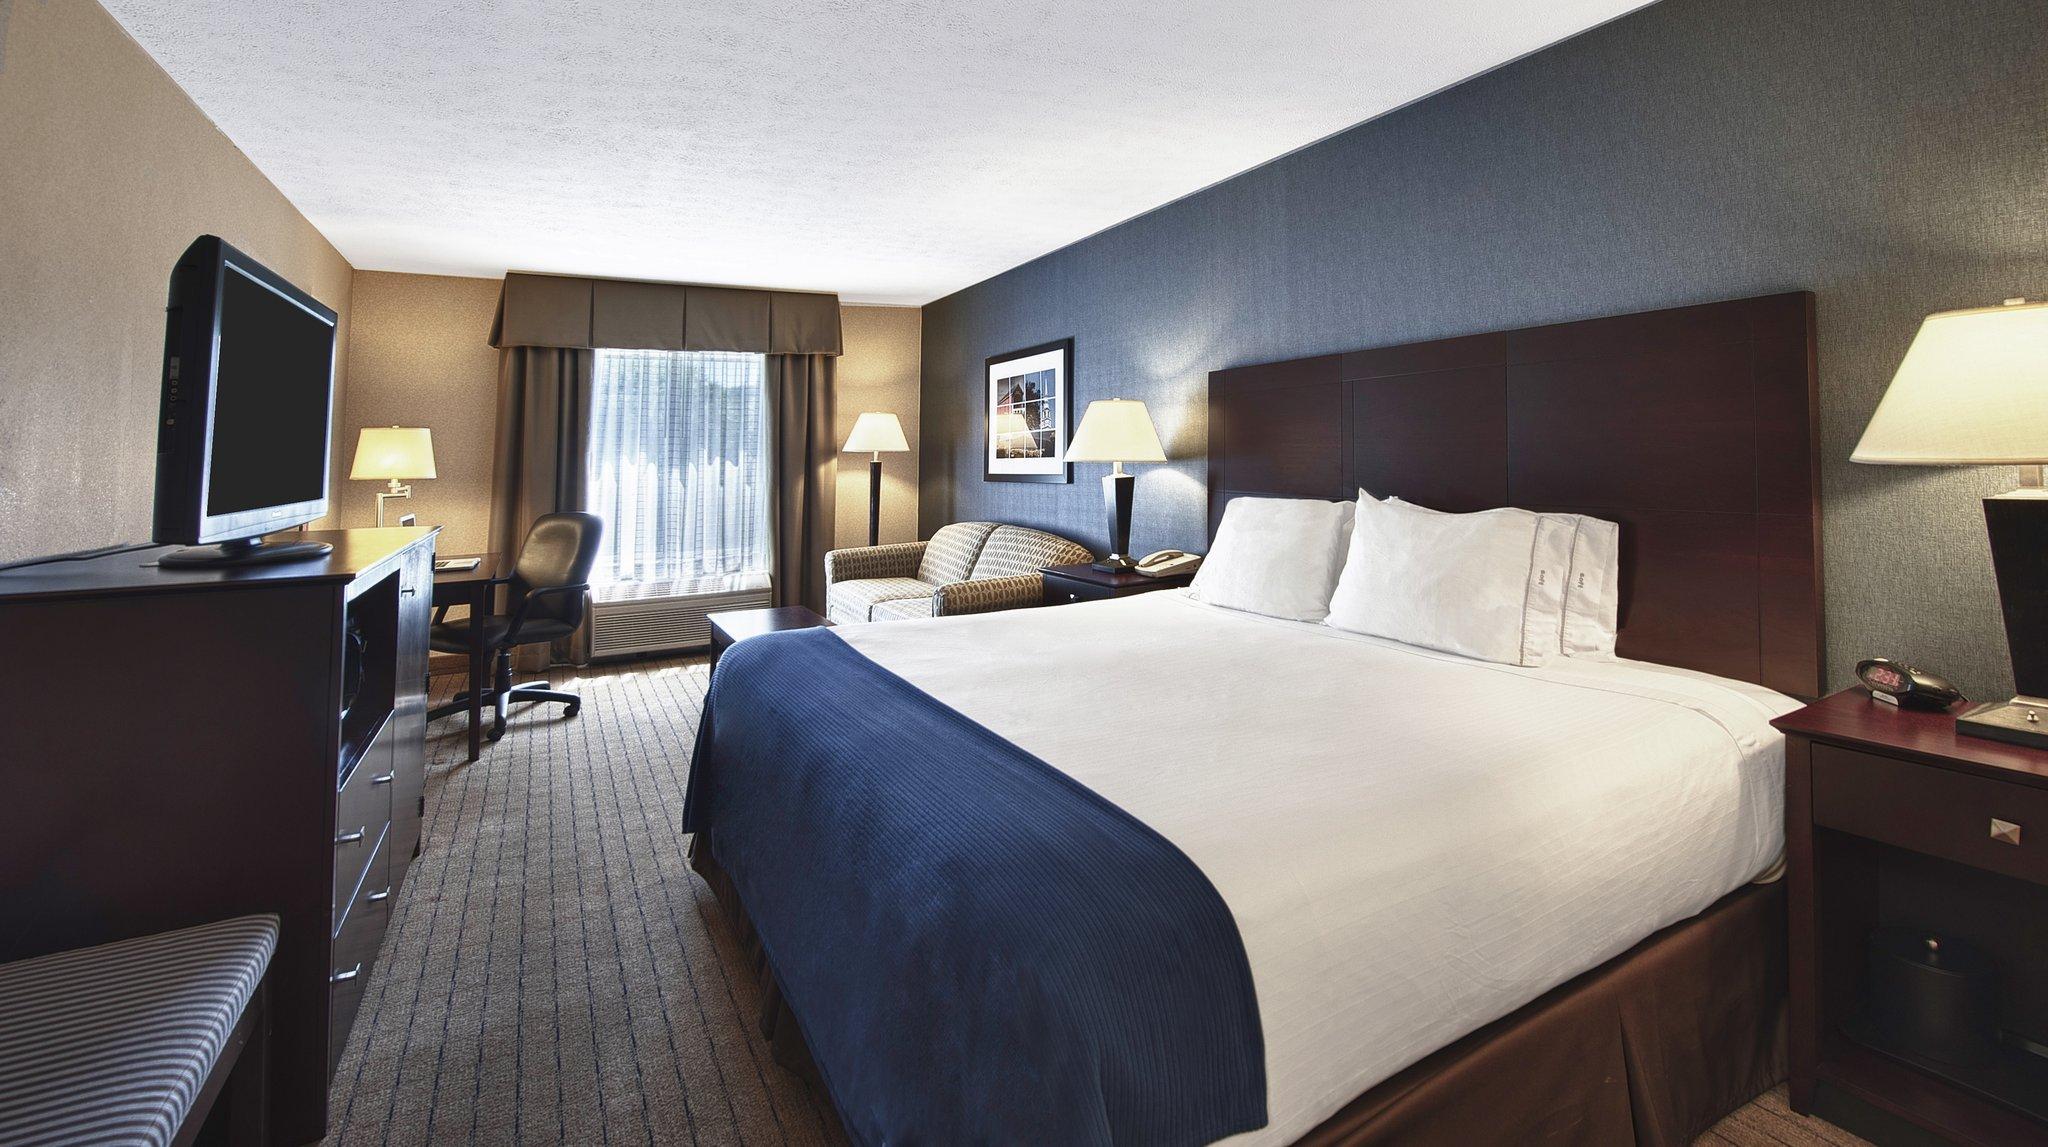 Holiday Inn Express Keene